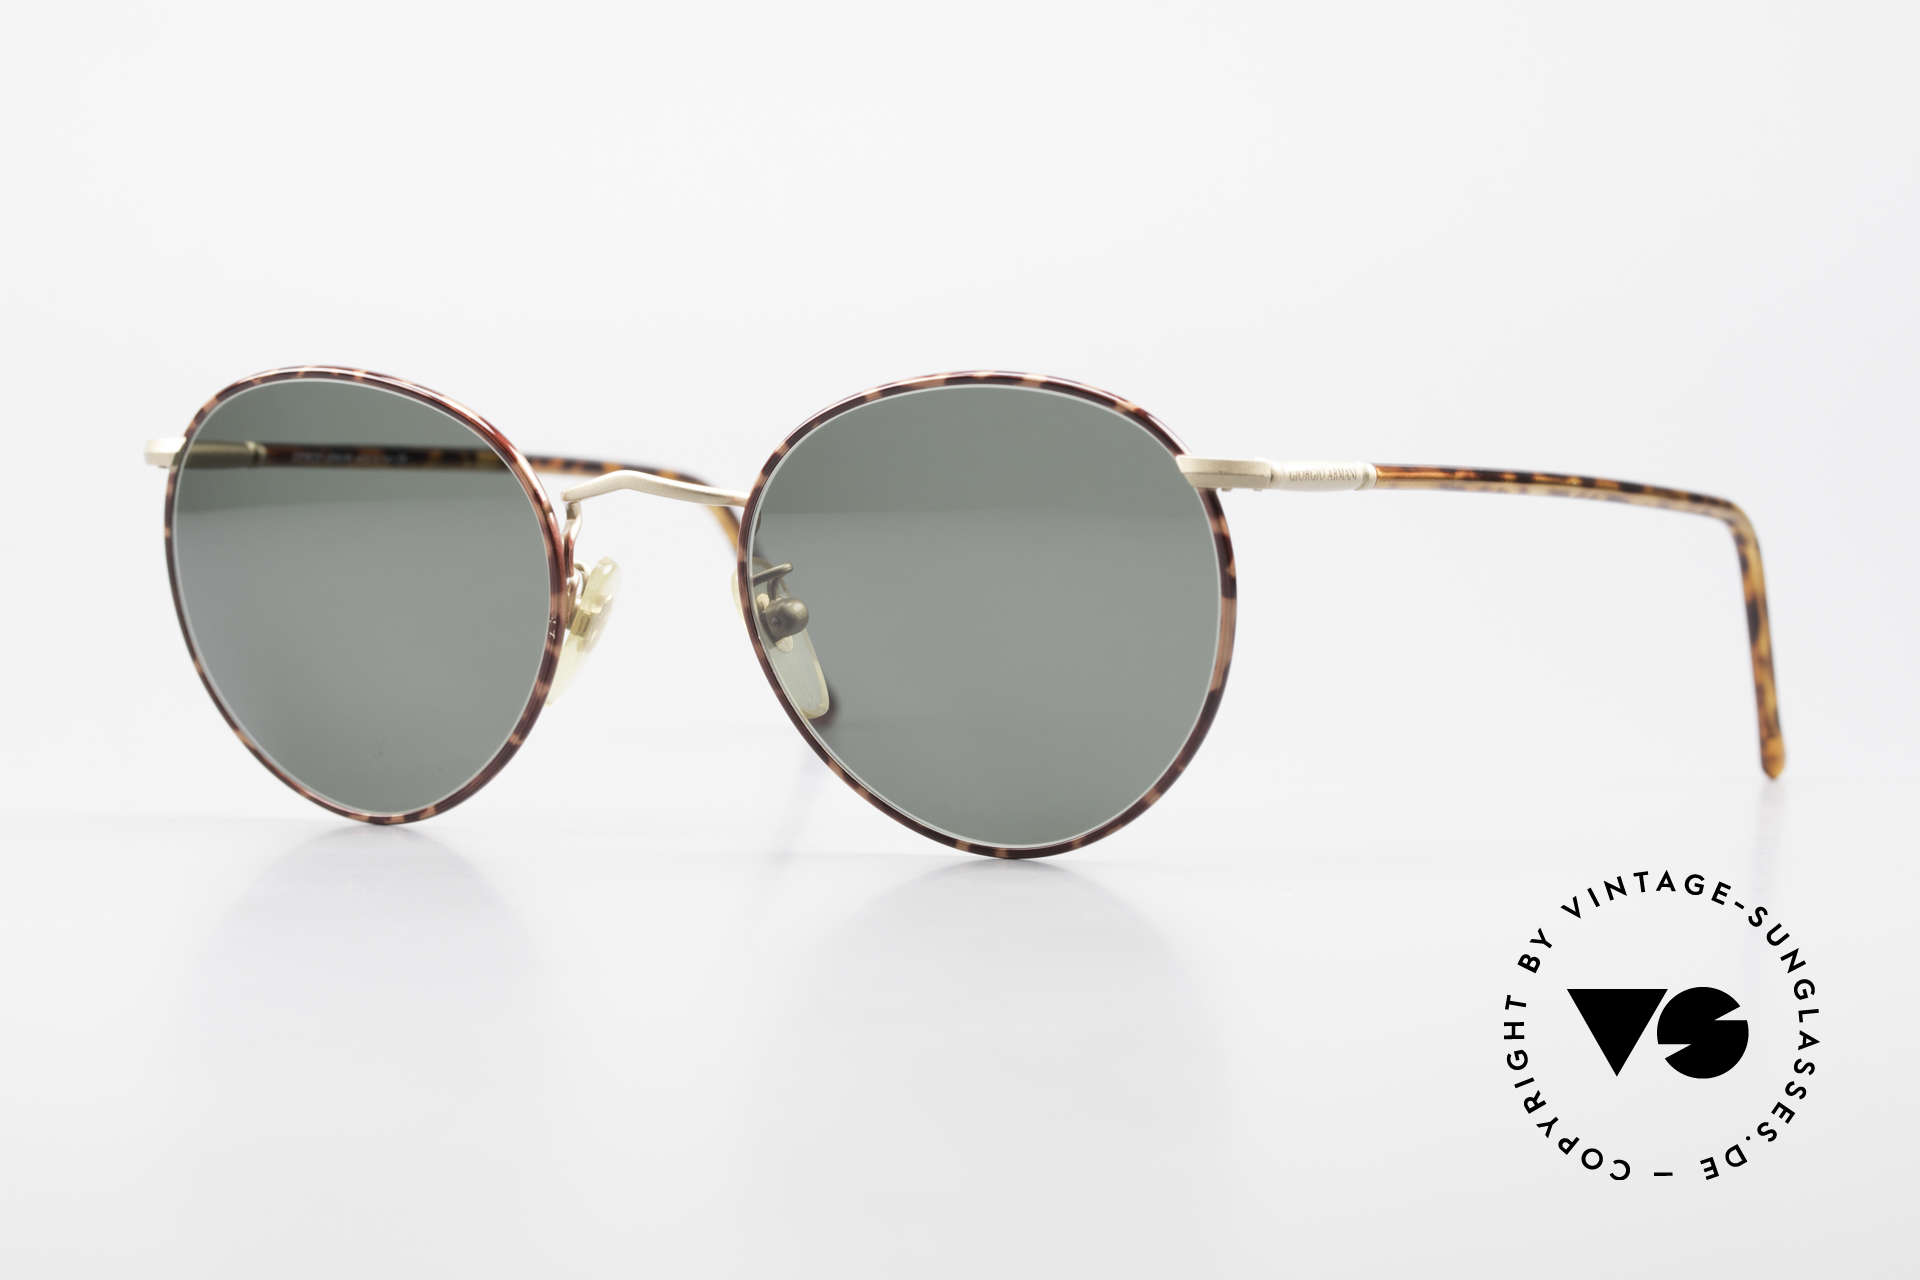 Giorgio Armani 186 No Retro Sunglasses Original, more 'classic' isn't possible (famous 'panto'-design), Made for Men